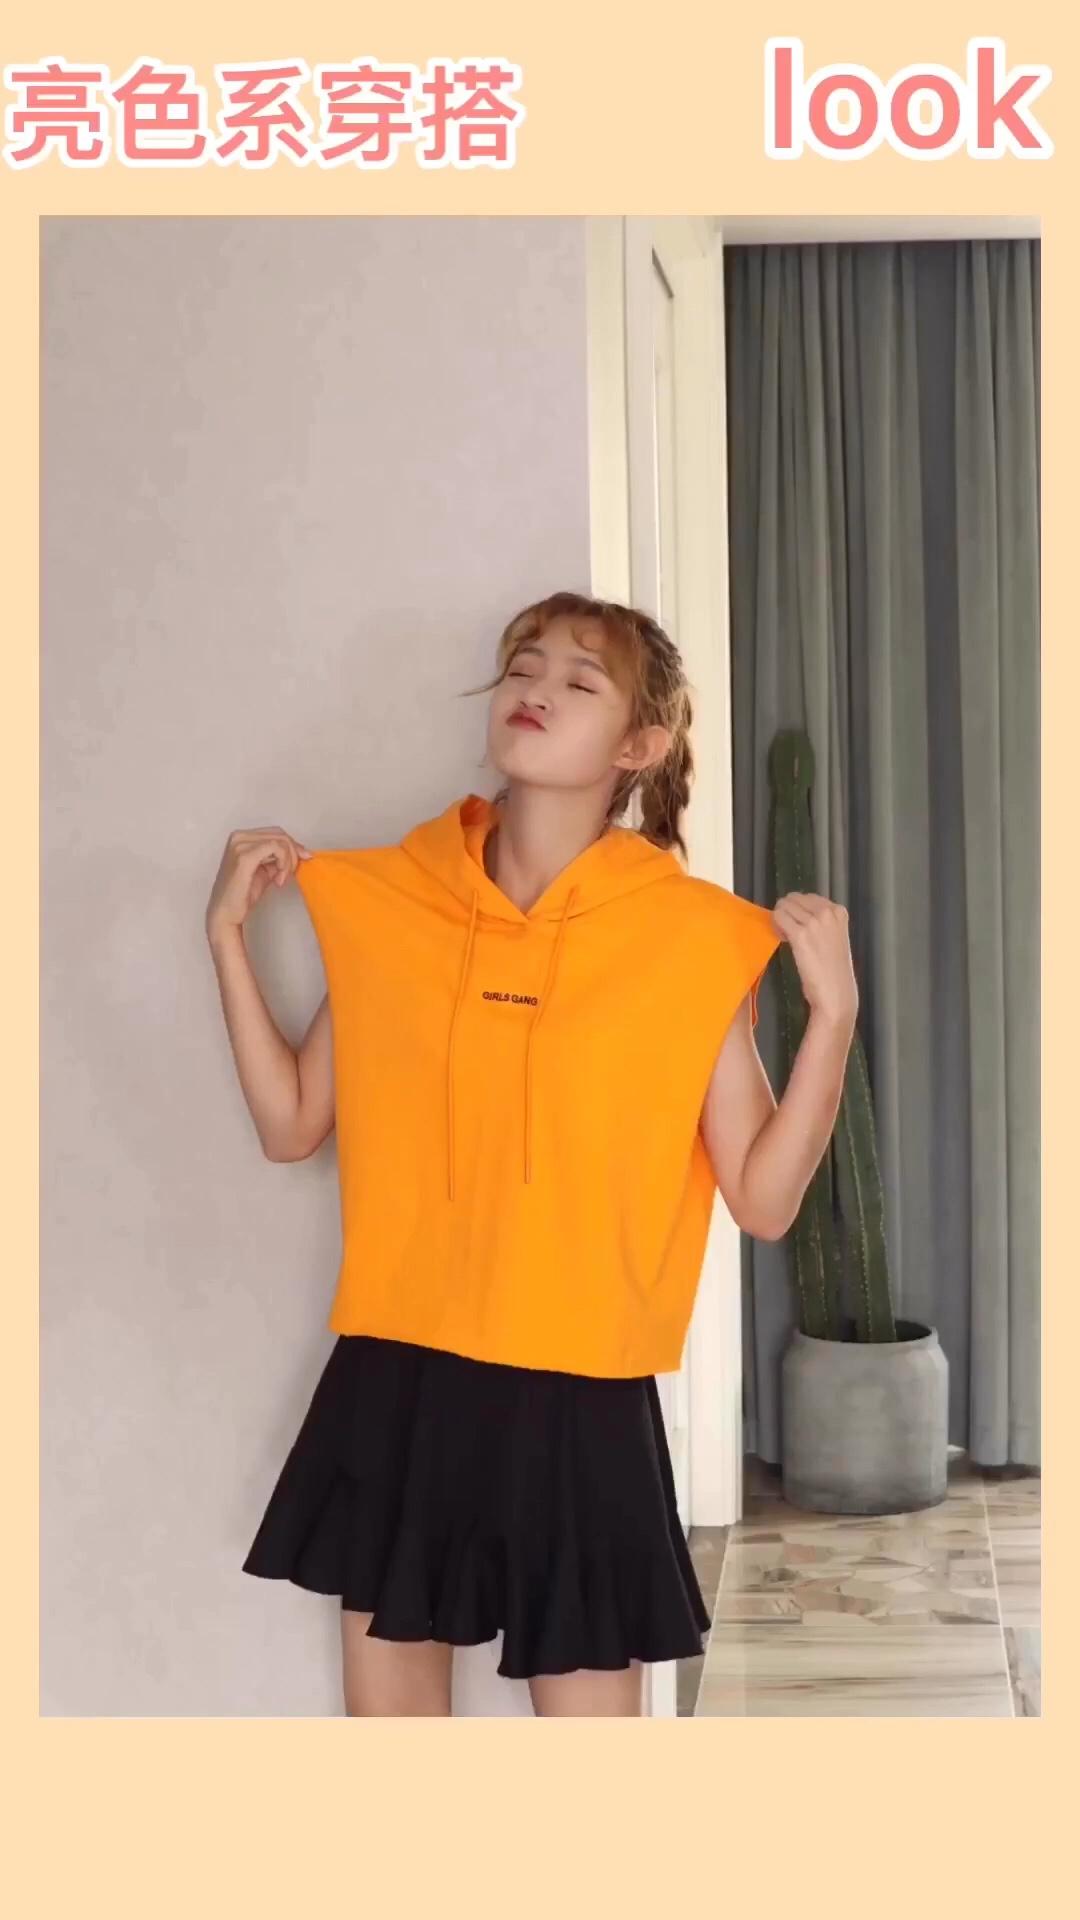 #南方暴雨天,明亮色拯救心情!#  身高166,体重88,试穿s码 hello大家好,本期介绍的是一件活力橙无袖卫衣 夏天穿很清爽凉快啦,虽然是无袖设计但是袖口的设计可以遮住手臂粗诶